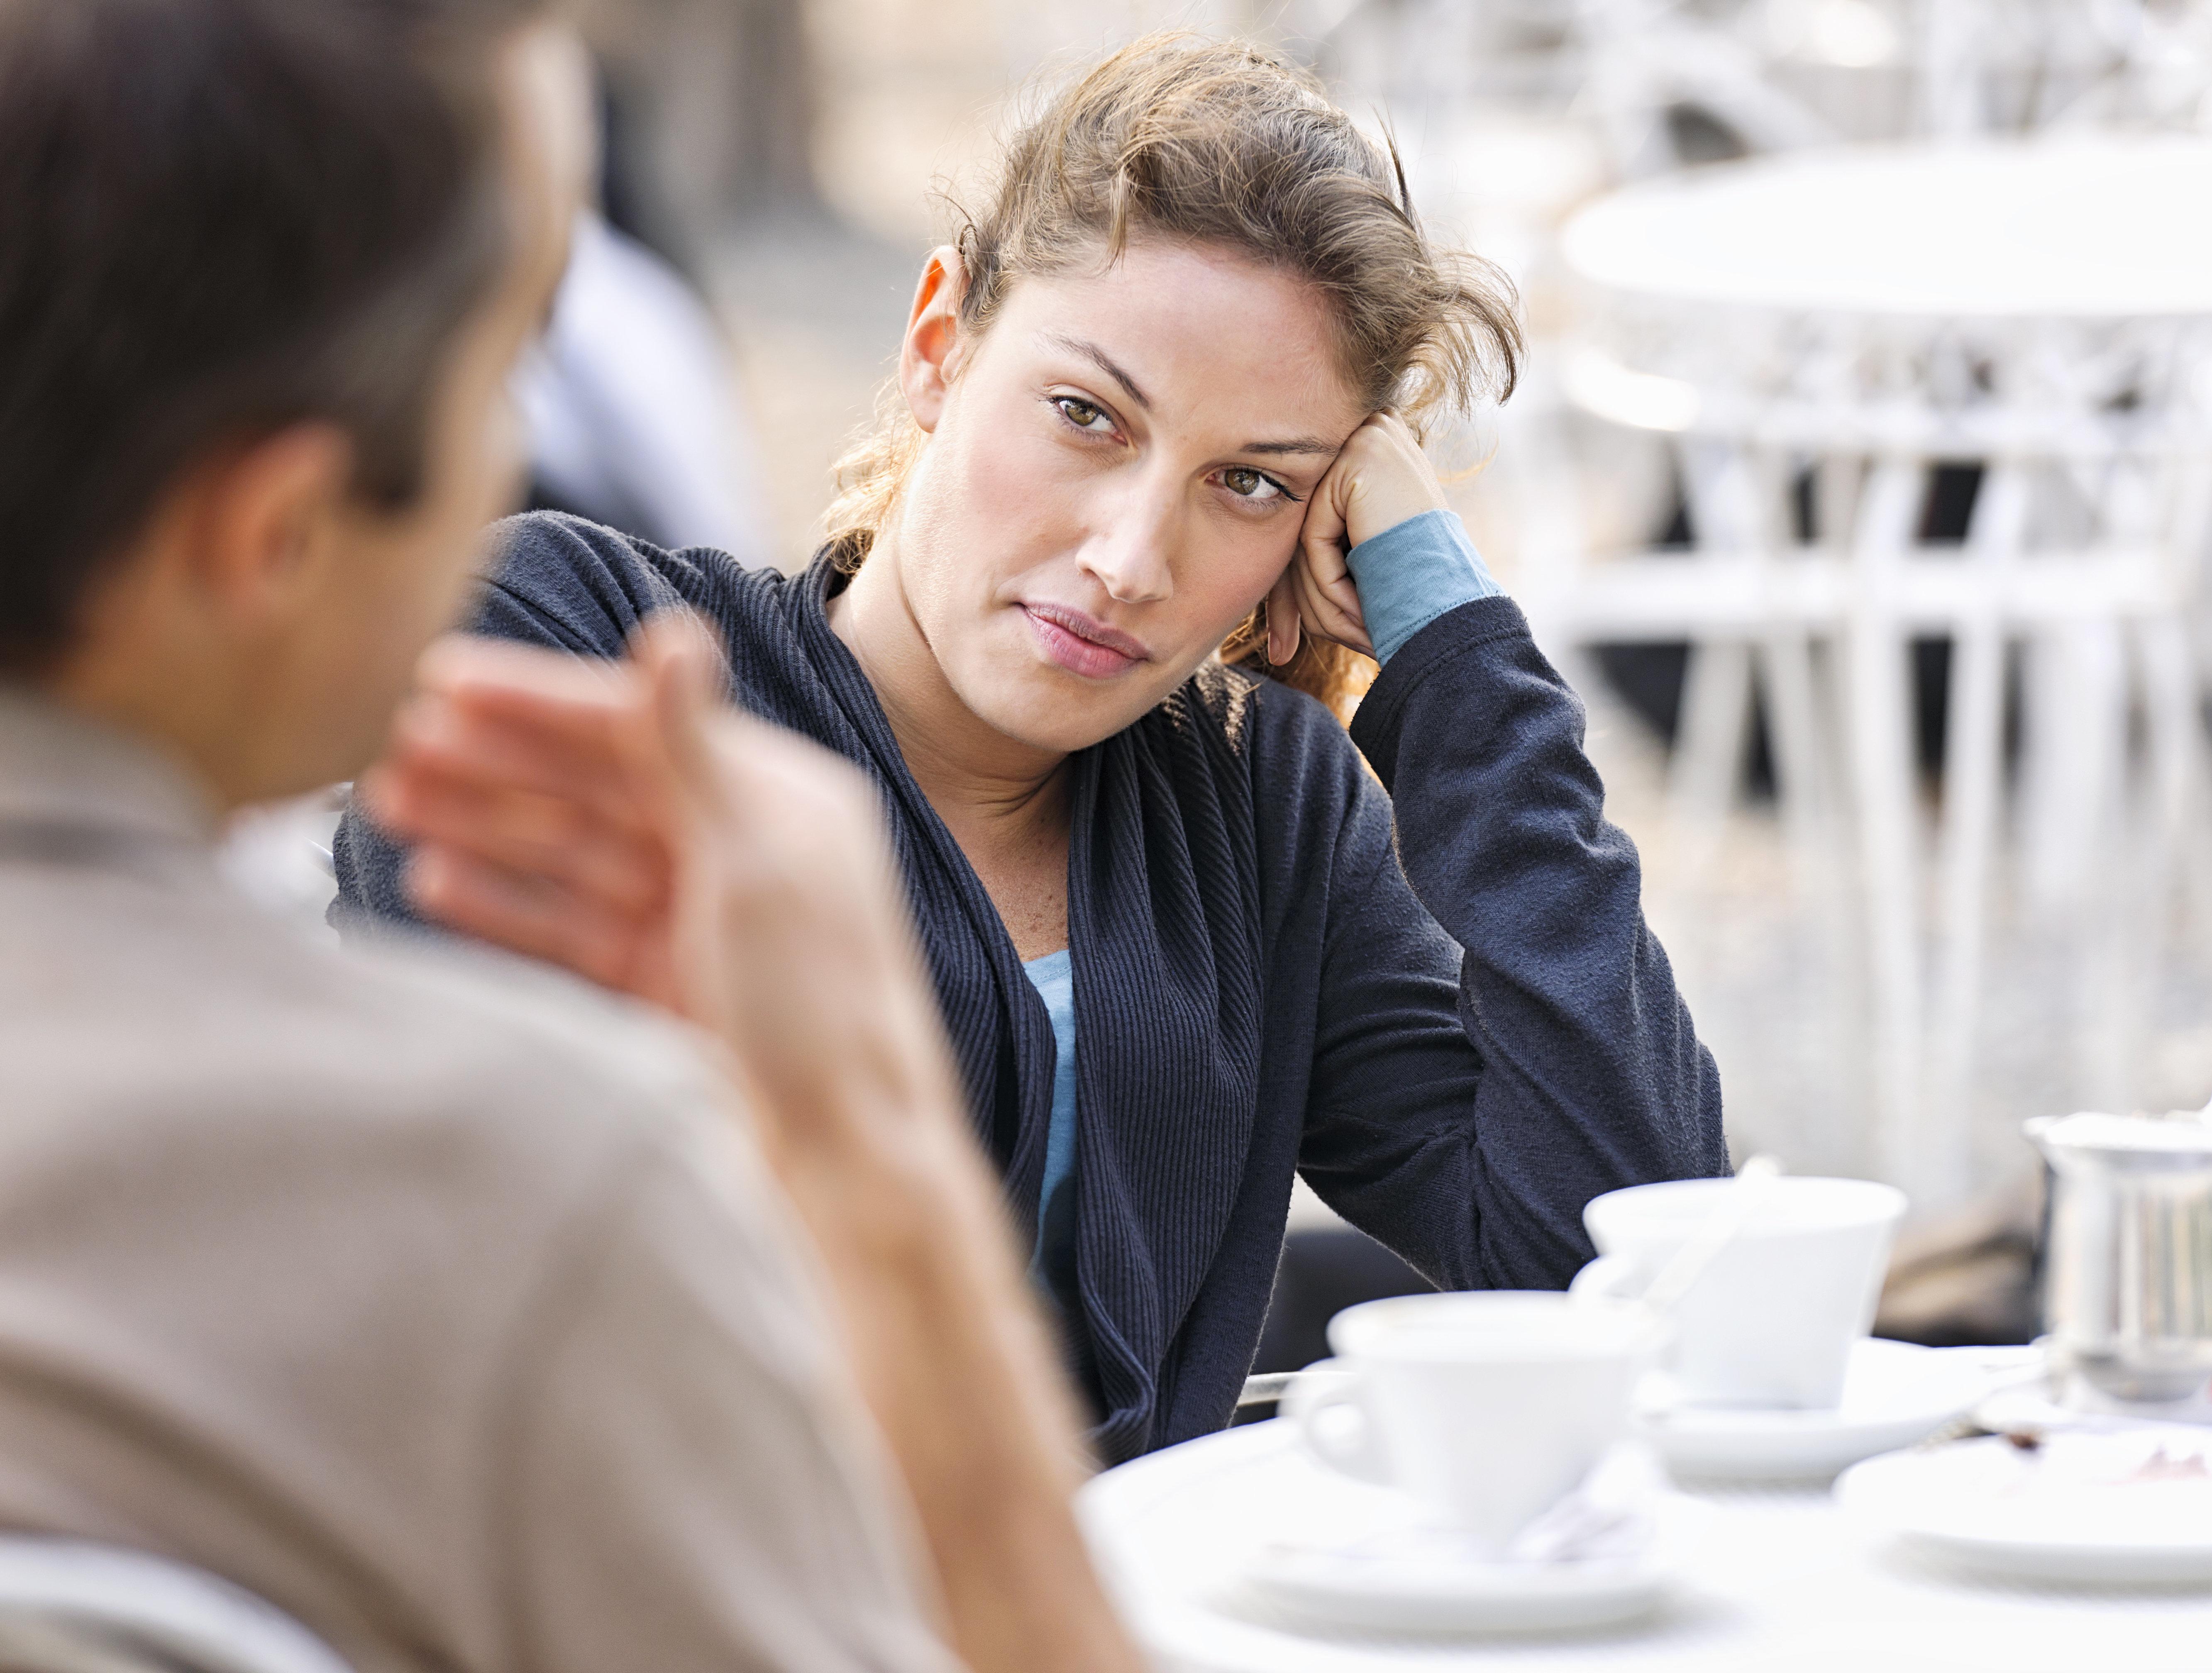 O que as mulheres realmente pensam quando você chama suas ex de